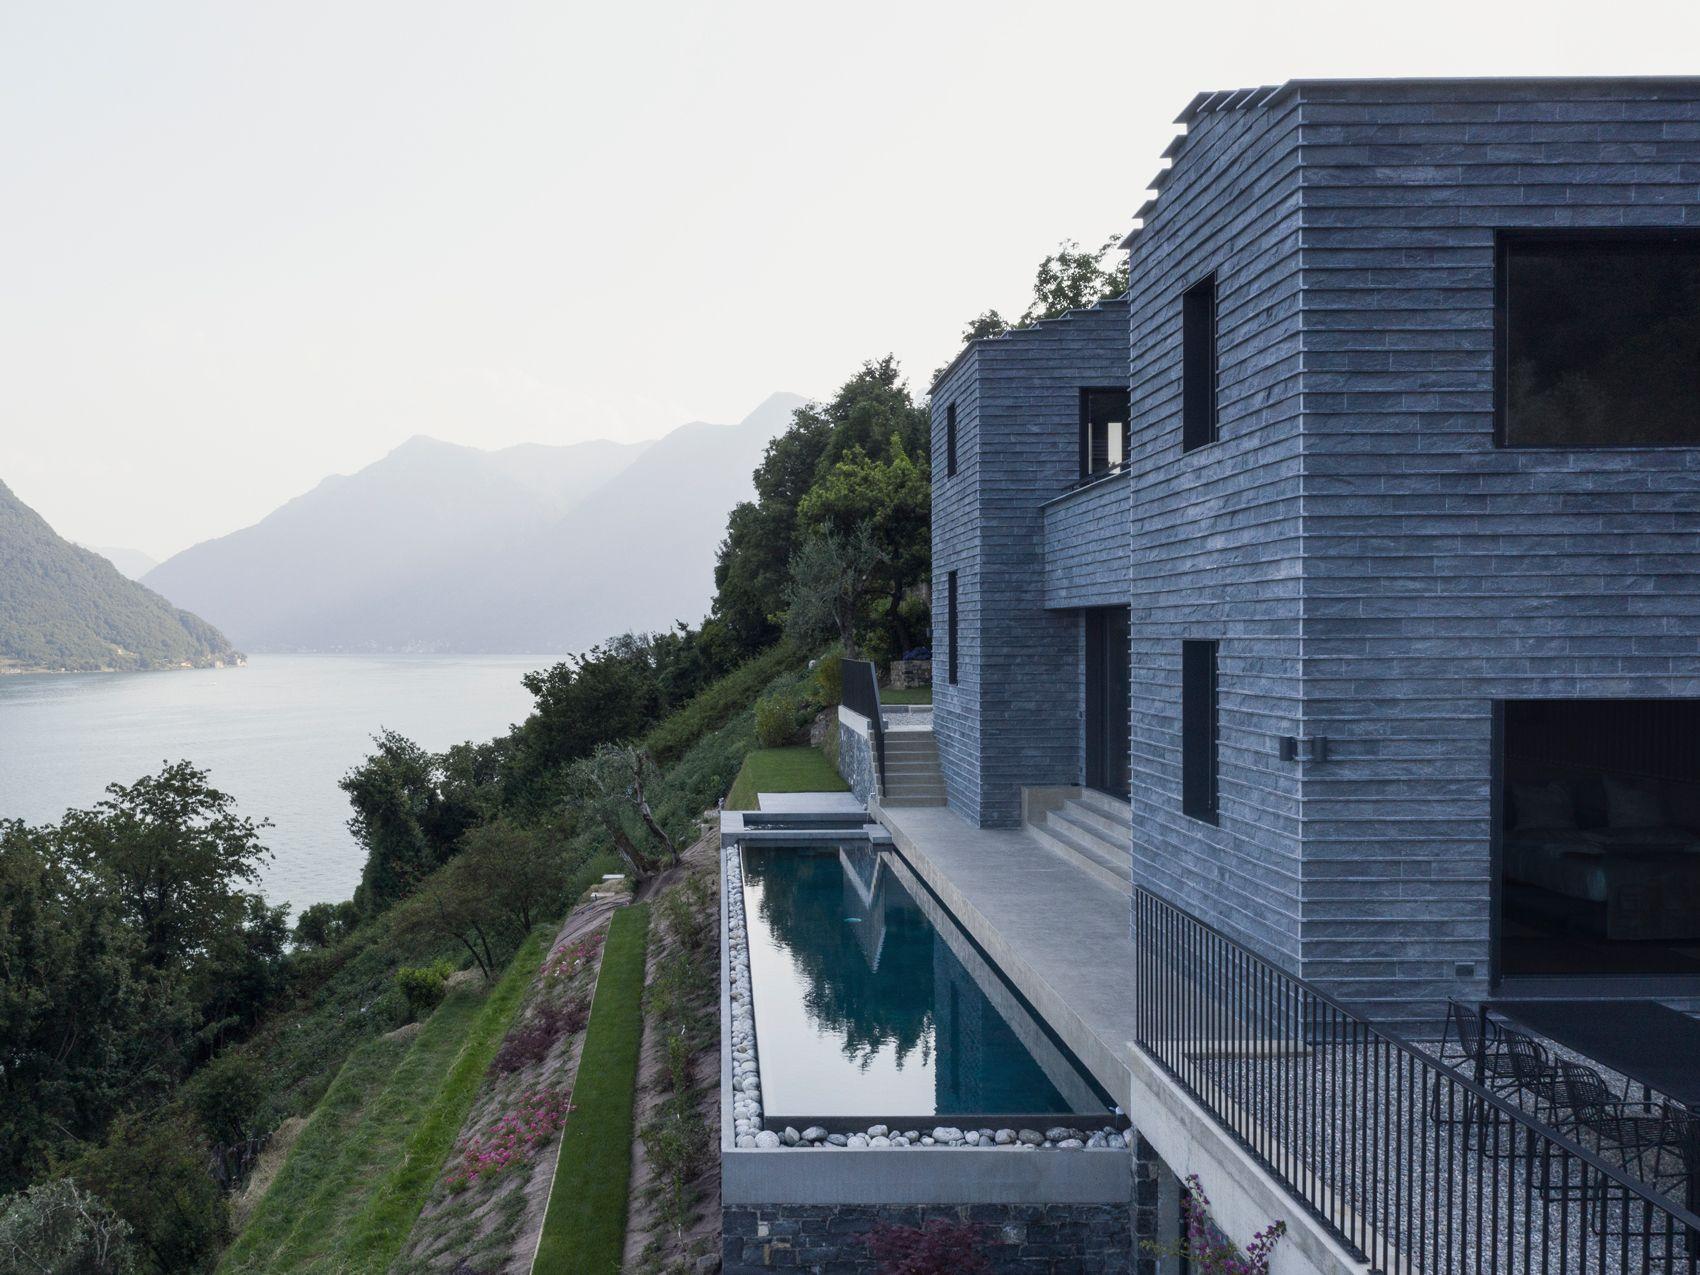 Paesaggi D Acqua Piscine casa molli, la villa con piscina sul lago di como che